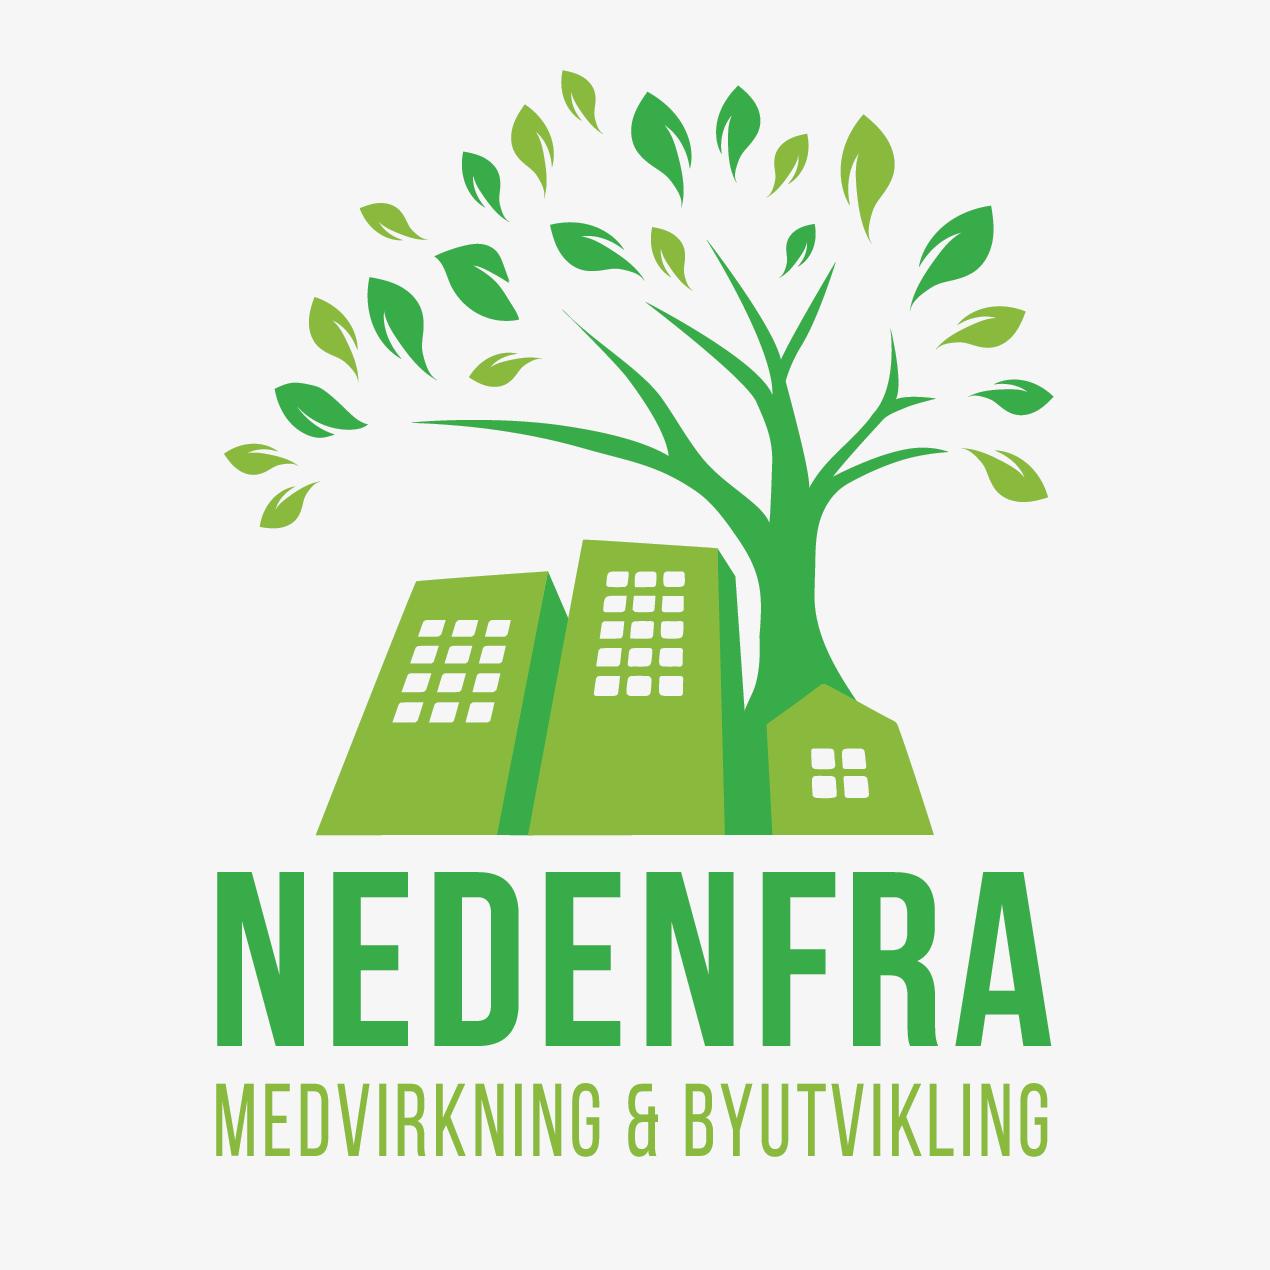 Ole Pedersen fra Nedenfra. Jobber med medvirkning, samskaping og demokratisk deltakelse i byutvikling, alternativt for Tøyeninitiativet som er et nabolagsinitiativ av og med engasjerte beboere. Deltar i debatt.